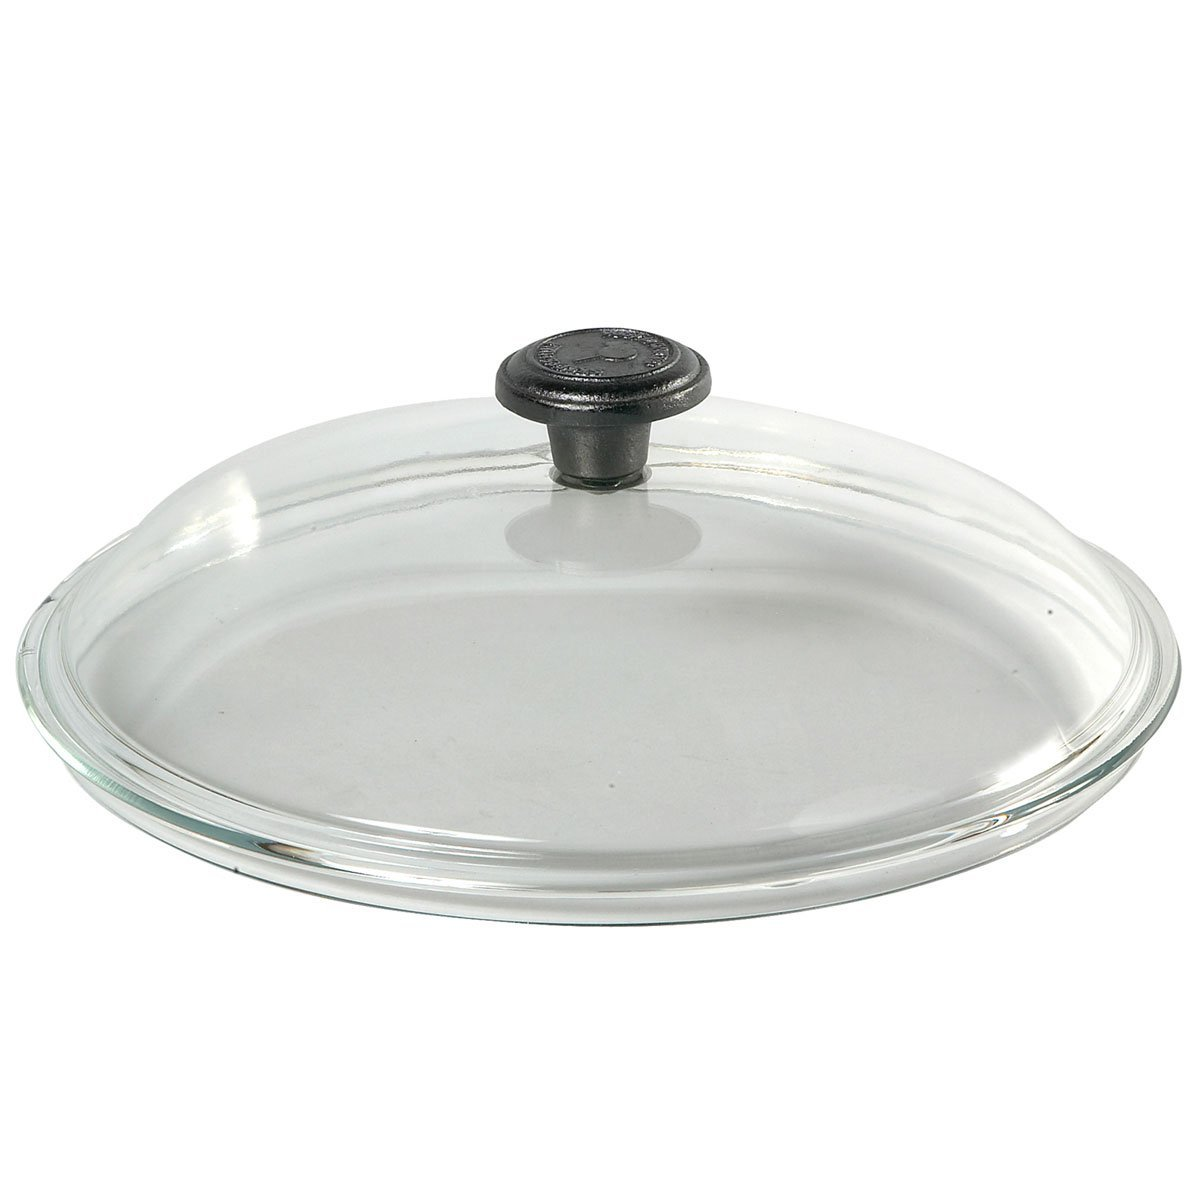 Онлайн каталог PROMENU: Крышка кухонная, стеклянная Skeppshult LIDS, диаметр 28 см, прозрачный Skeppshult 0510GL